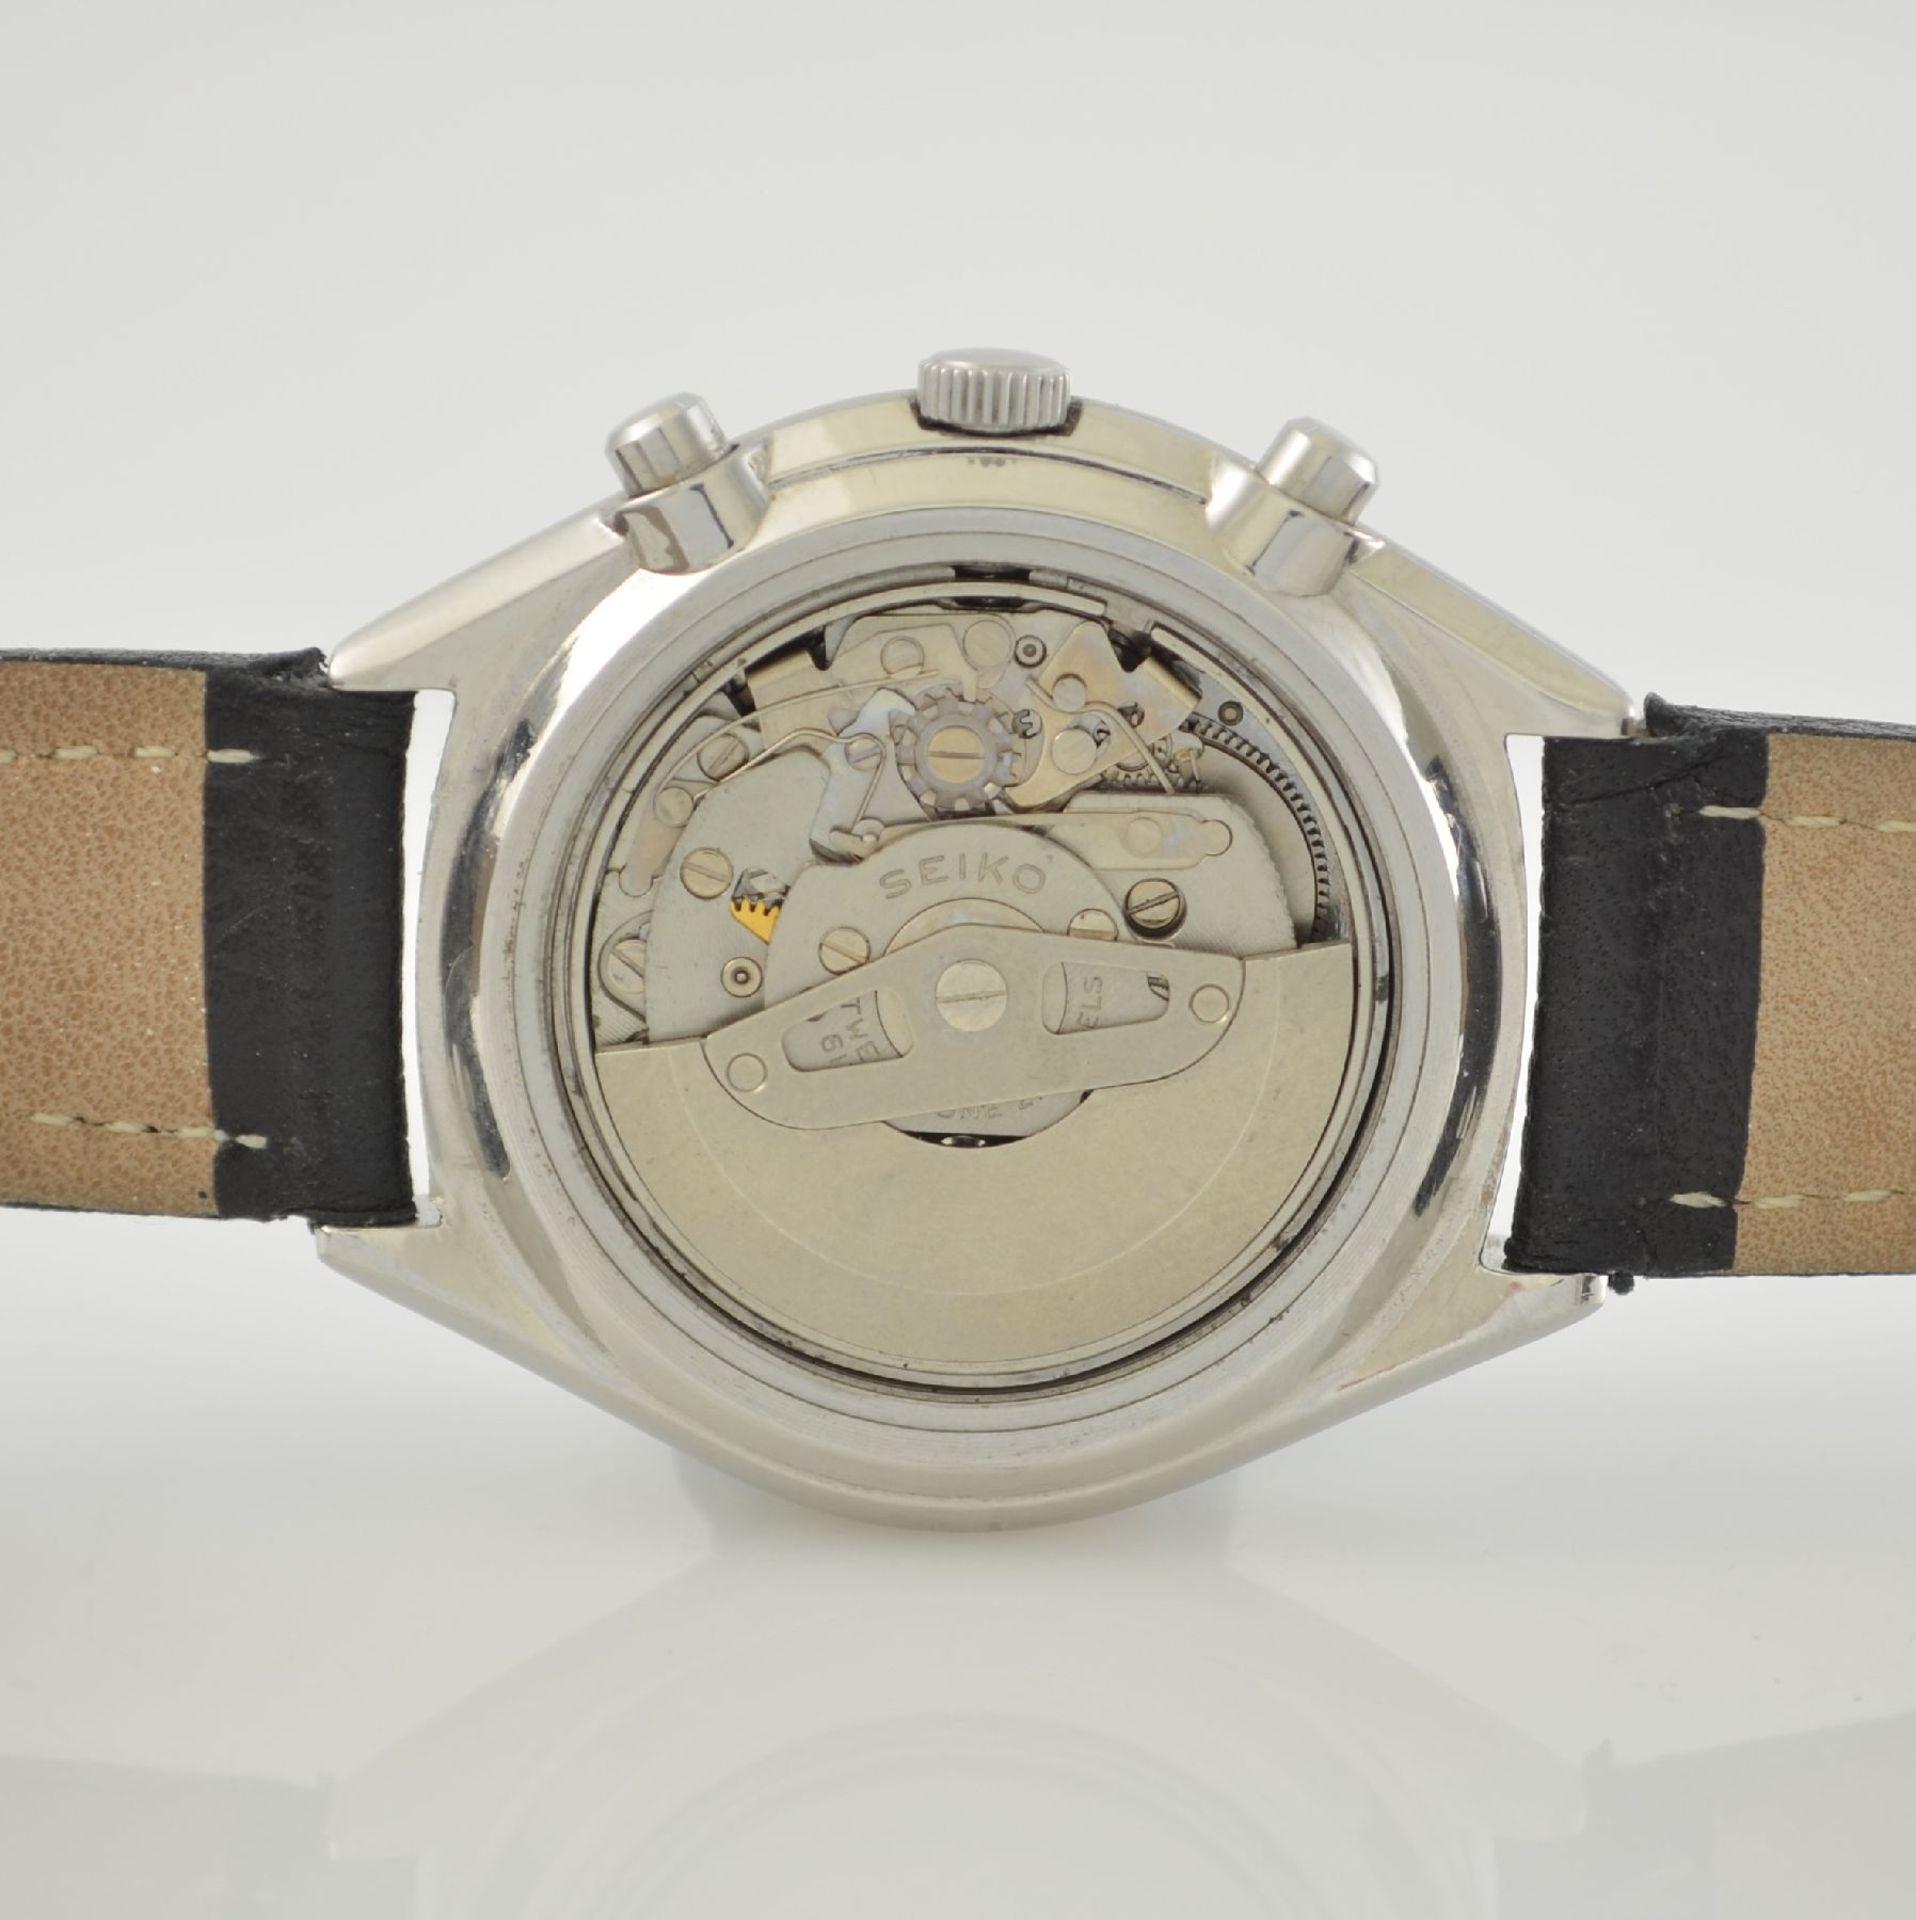 SEIKO Herrenarmbanduhr mit Schaltradchronograph in Stahl, Japan um 1975, Automatik, verschr. Geh. - Bild 7 aus 9